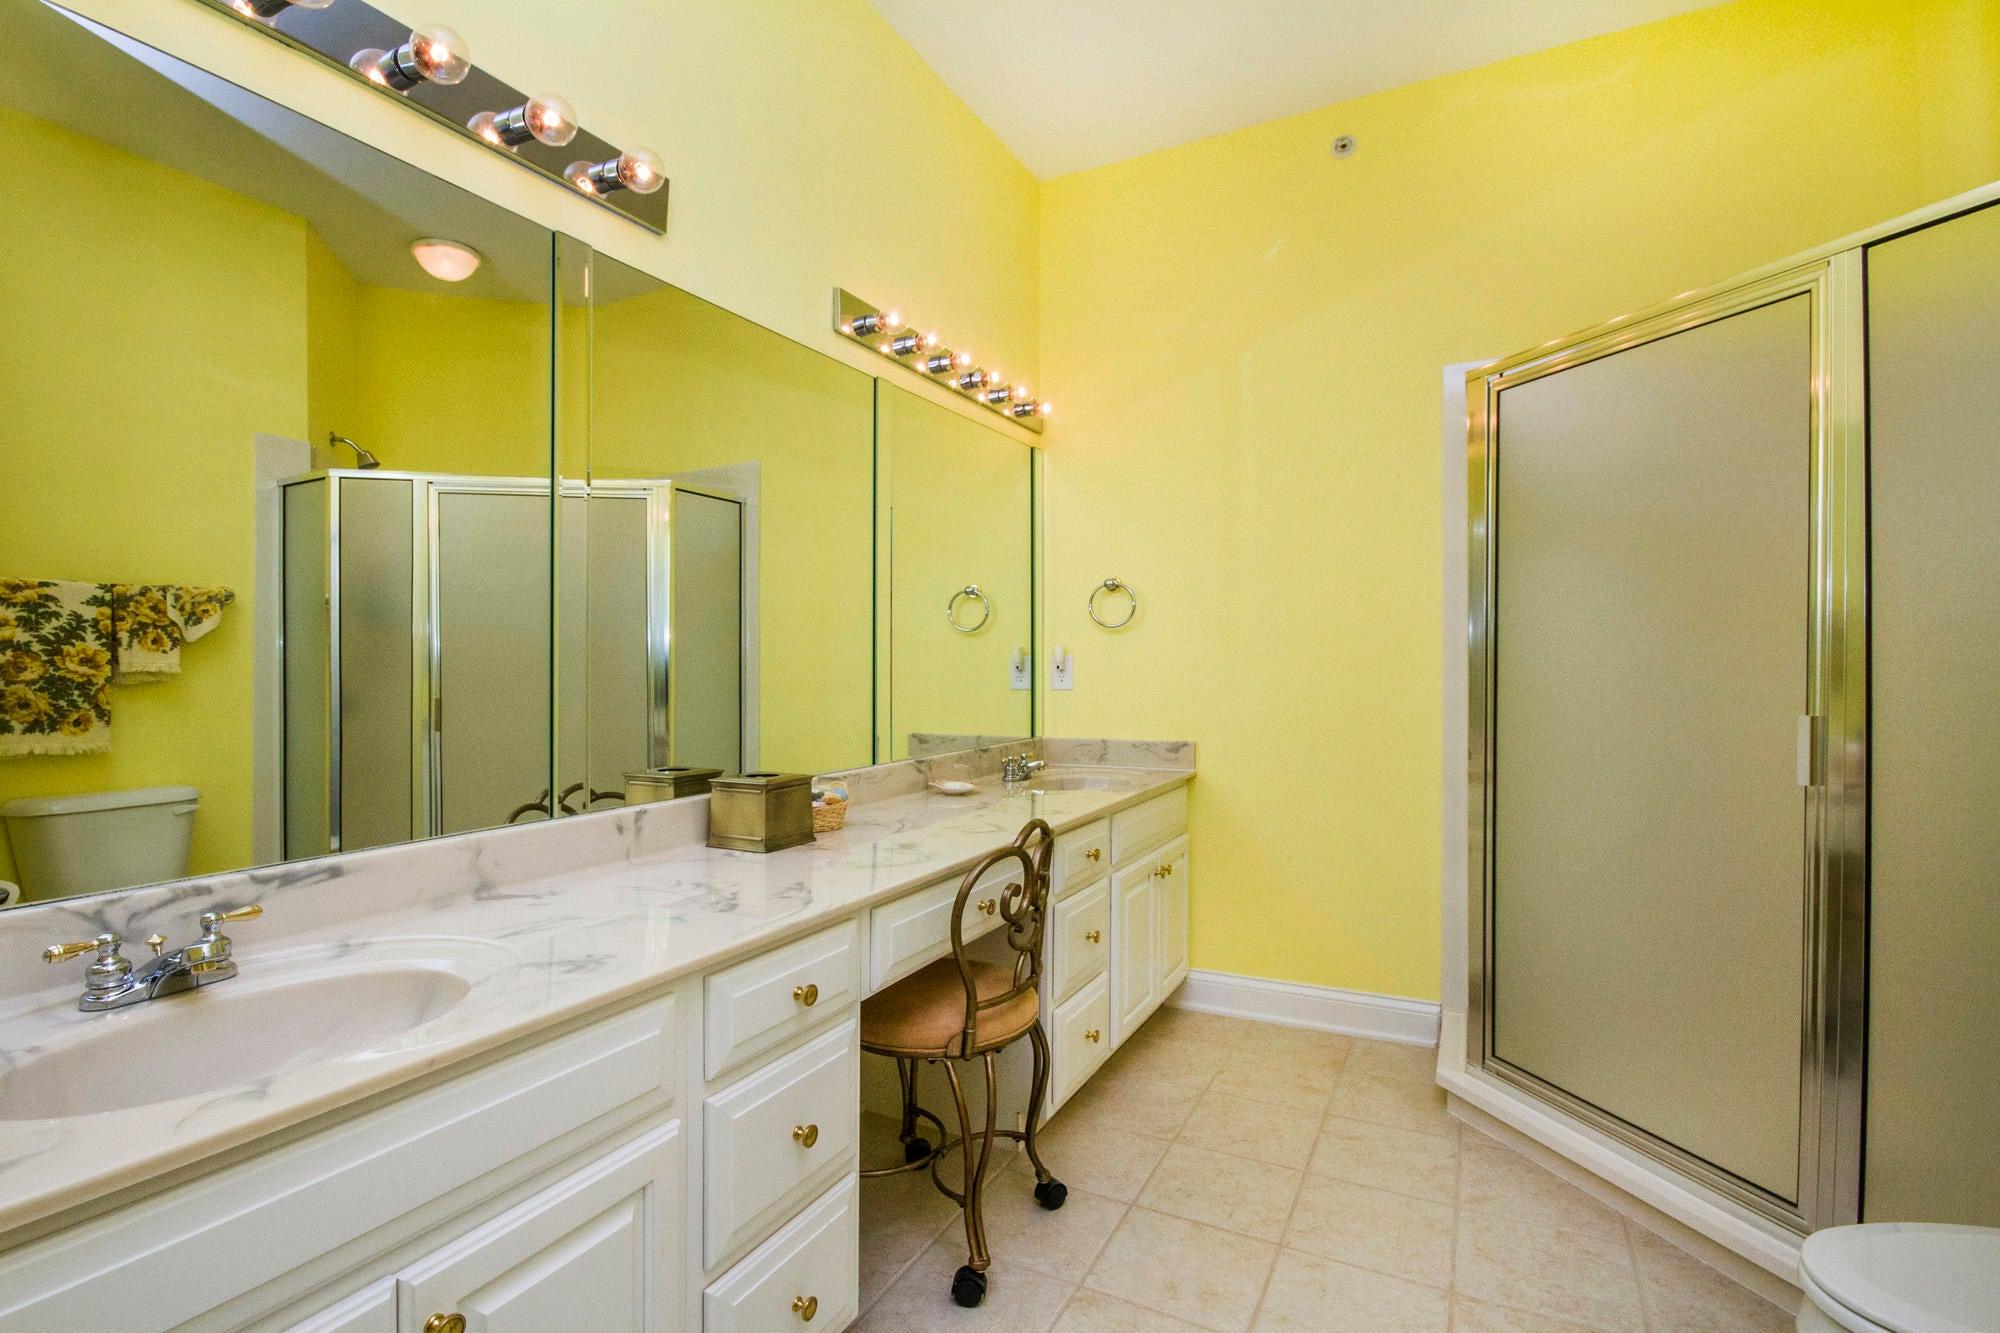 Spacious Bath & Walk-in Closet